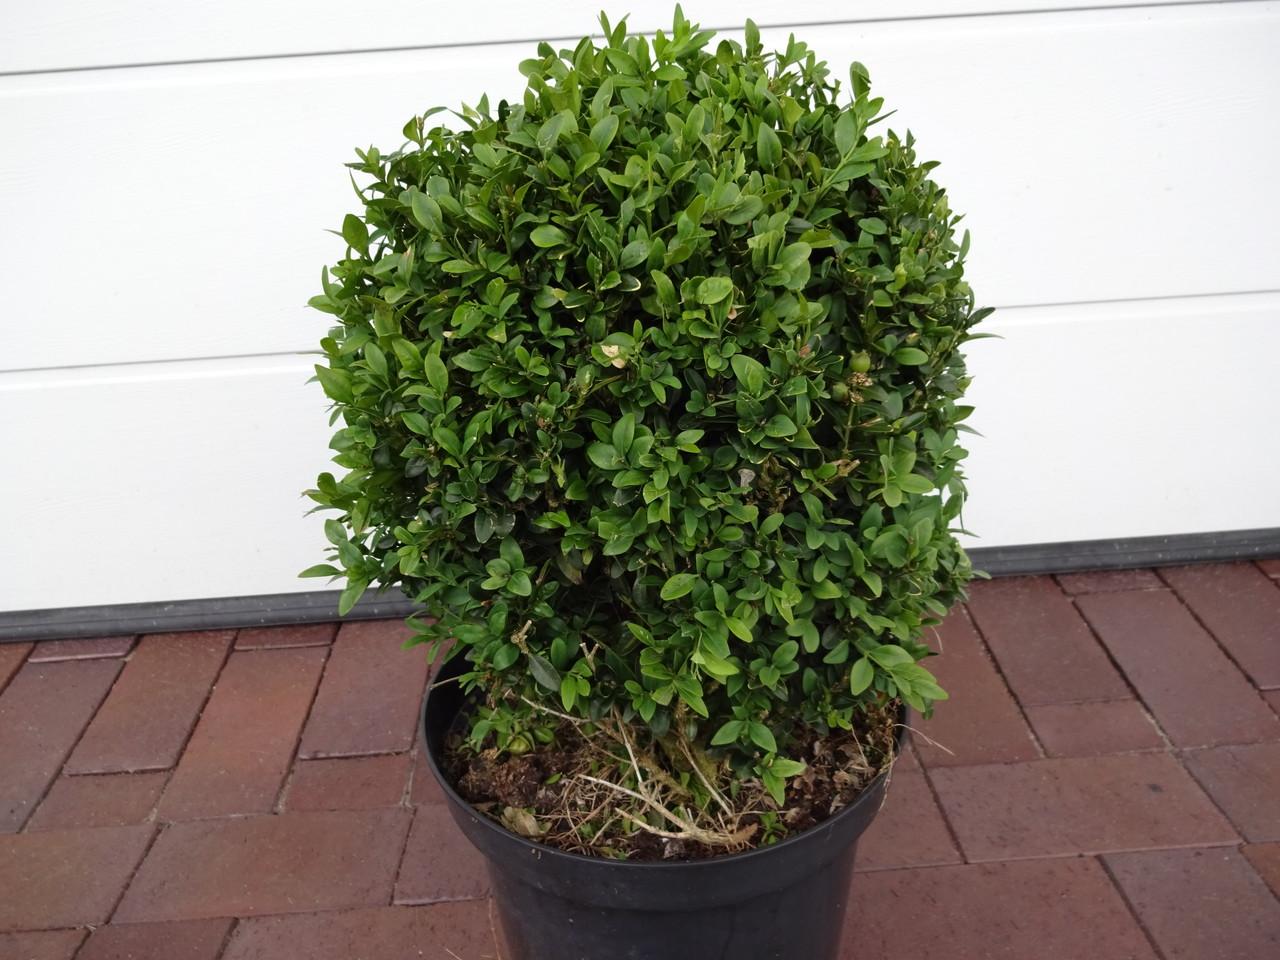 Buchsbaum als Beeteinfassung pflanzen online kaufen auf